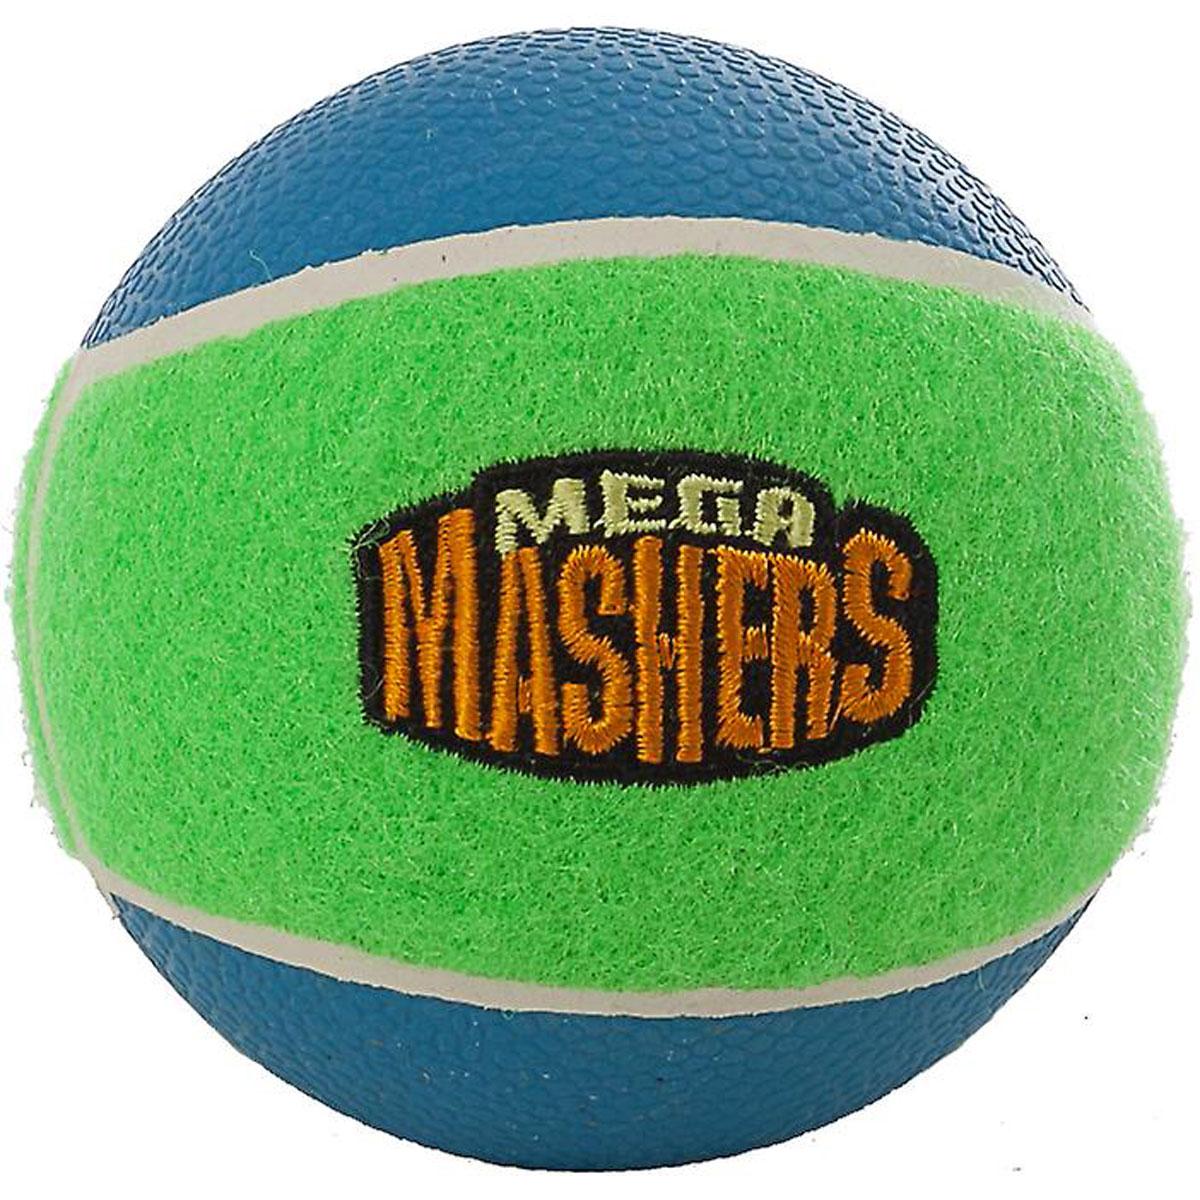 Игрушка для собак Mega Mashers Мячик, диаметр 8 см игрушка для животных каскад мячик пробковый диаметр 3 5 см